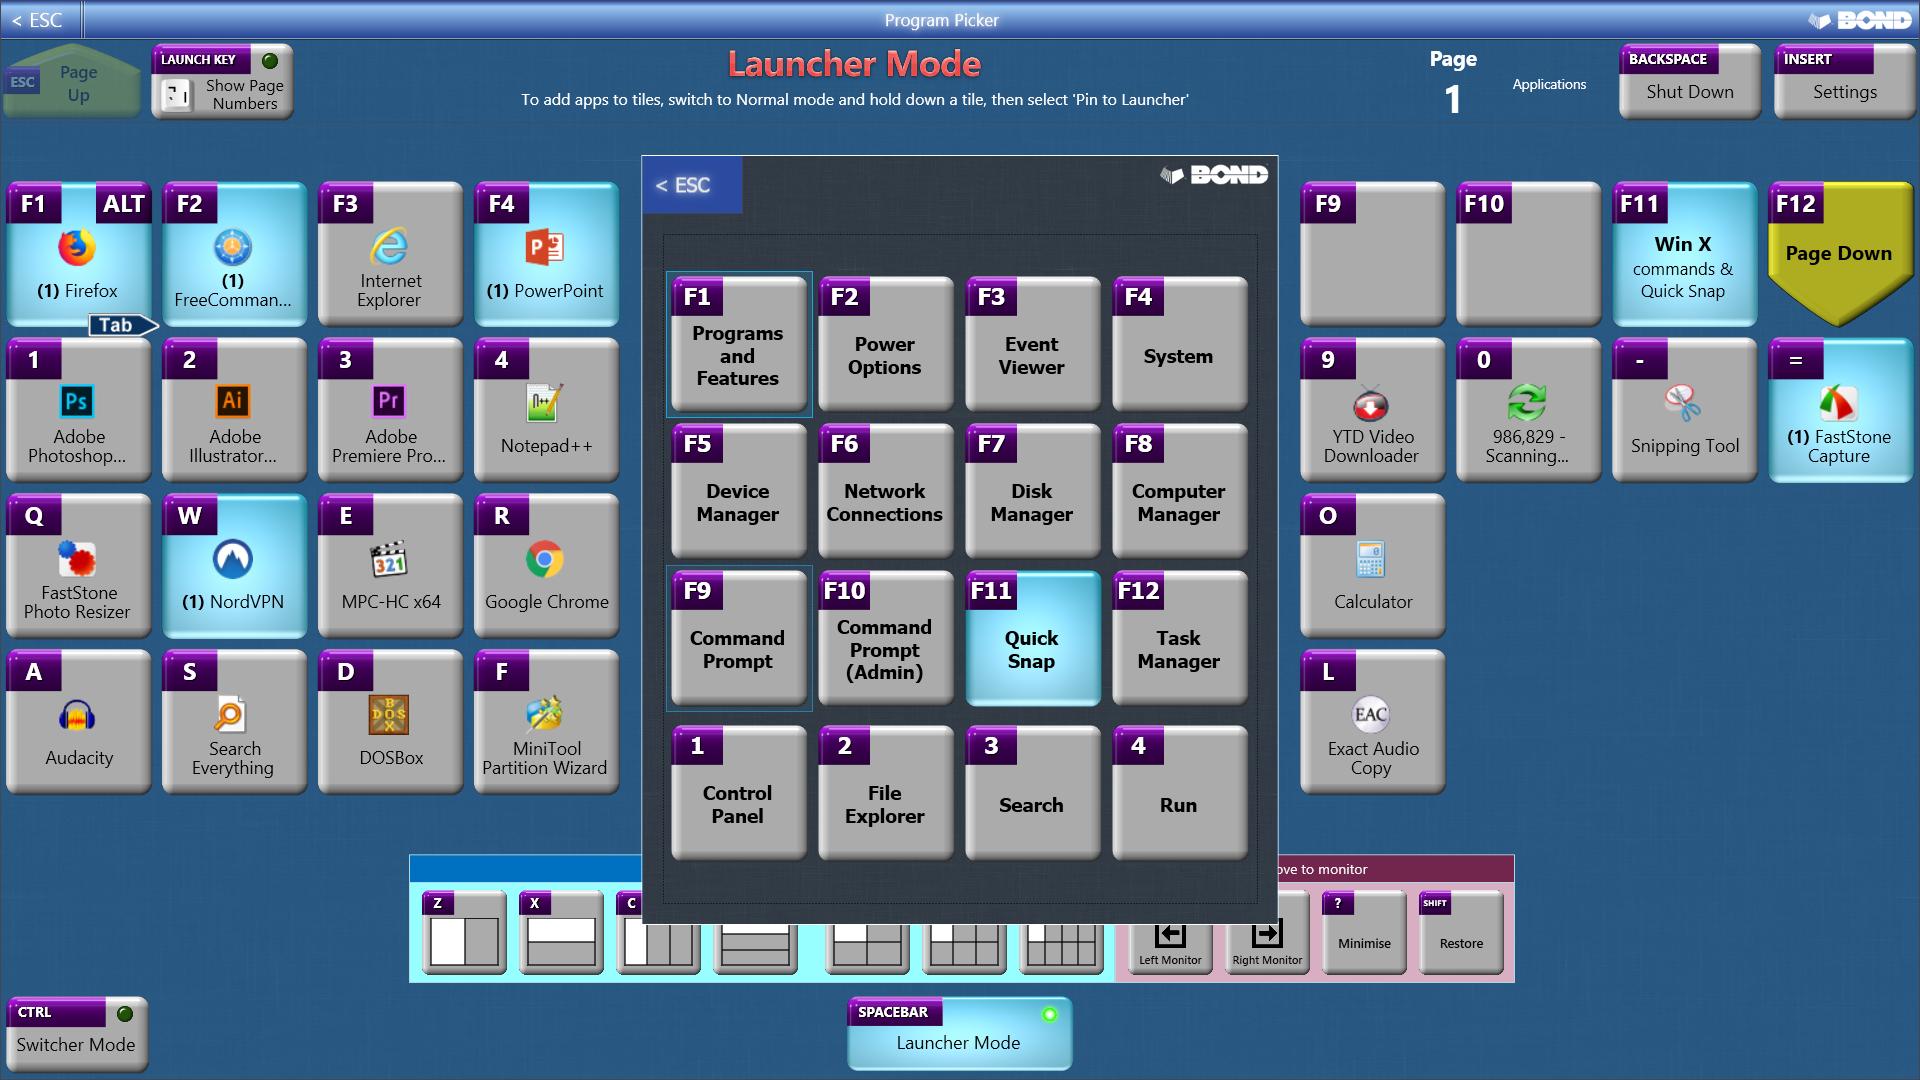 App Launcher Software, Program Picker Screenshot